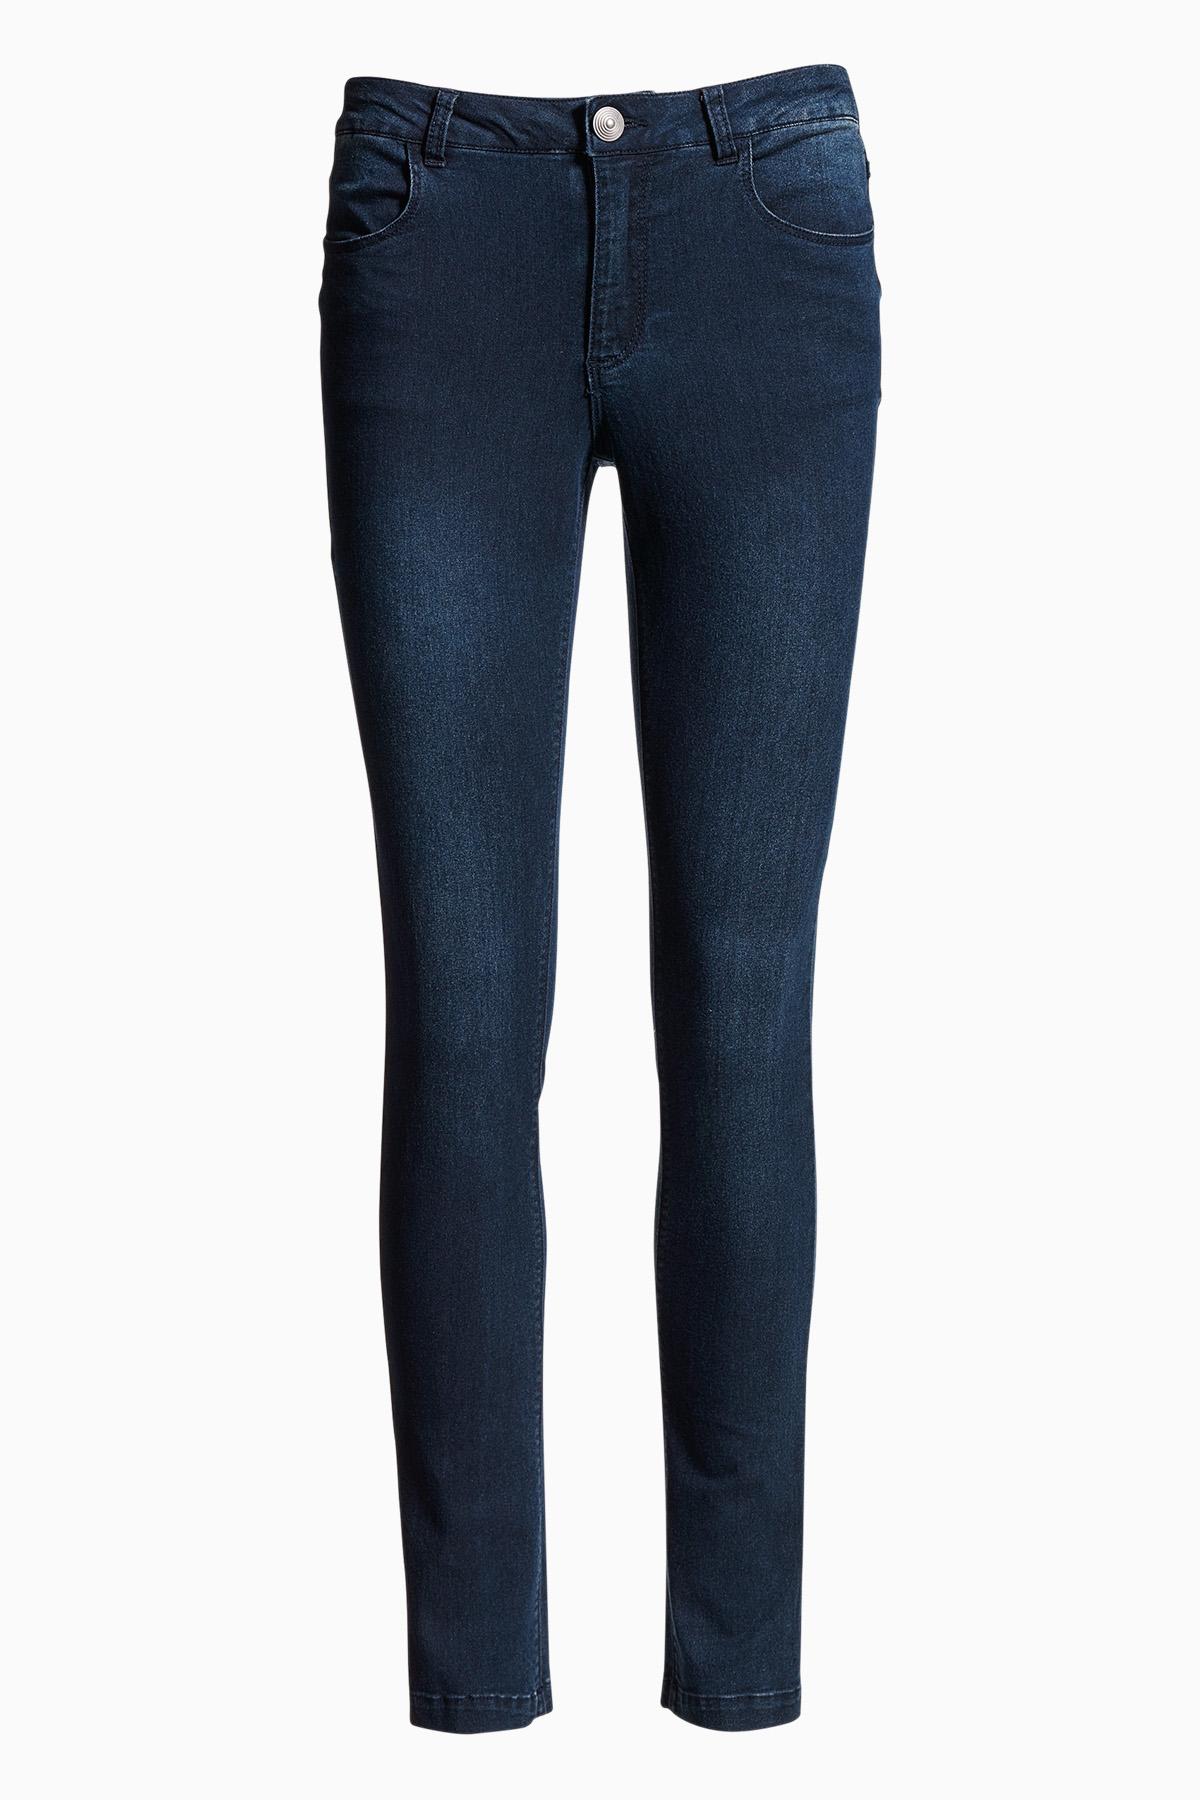 Image of b.young Dame Jeans - Mørkeblå